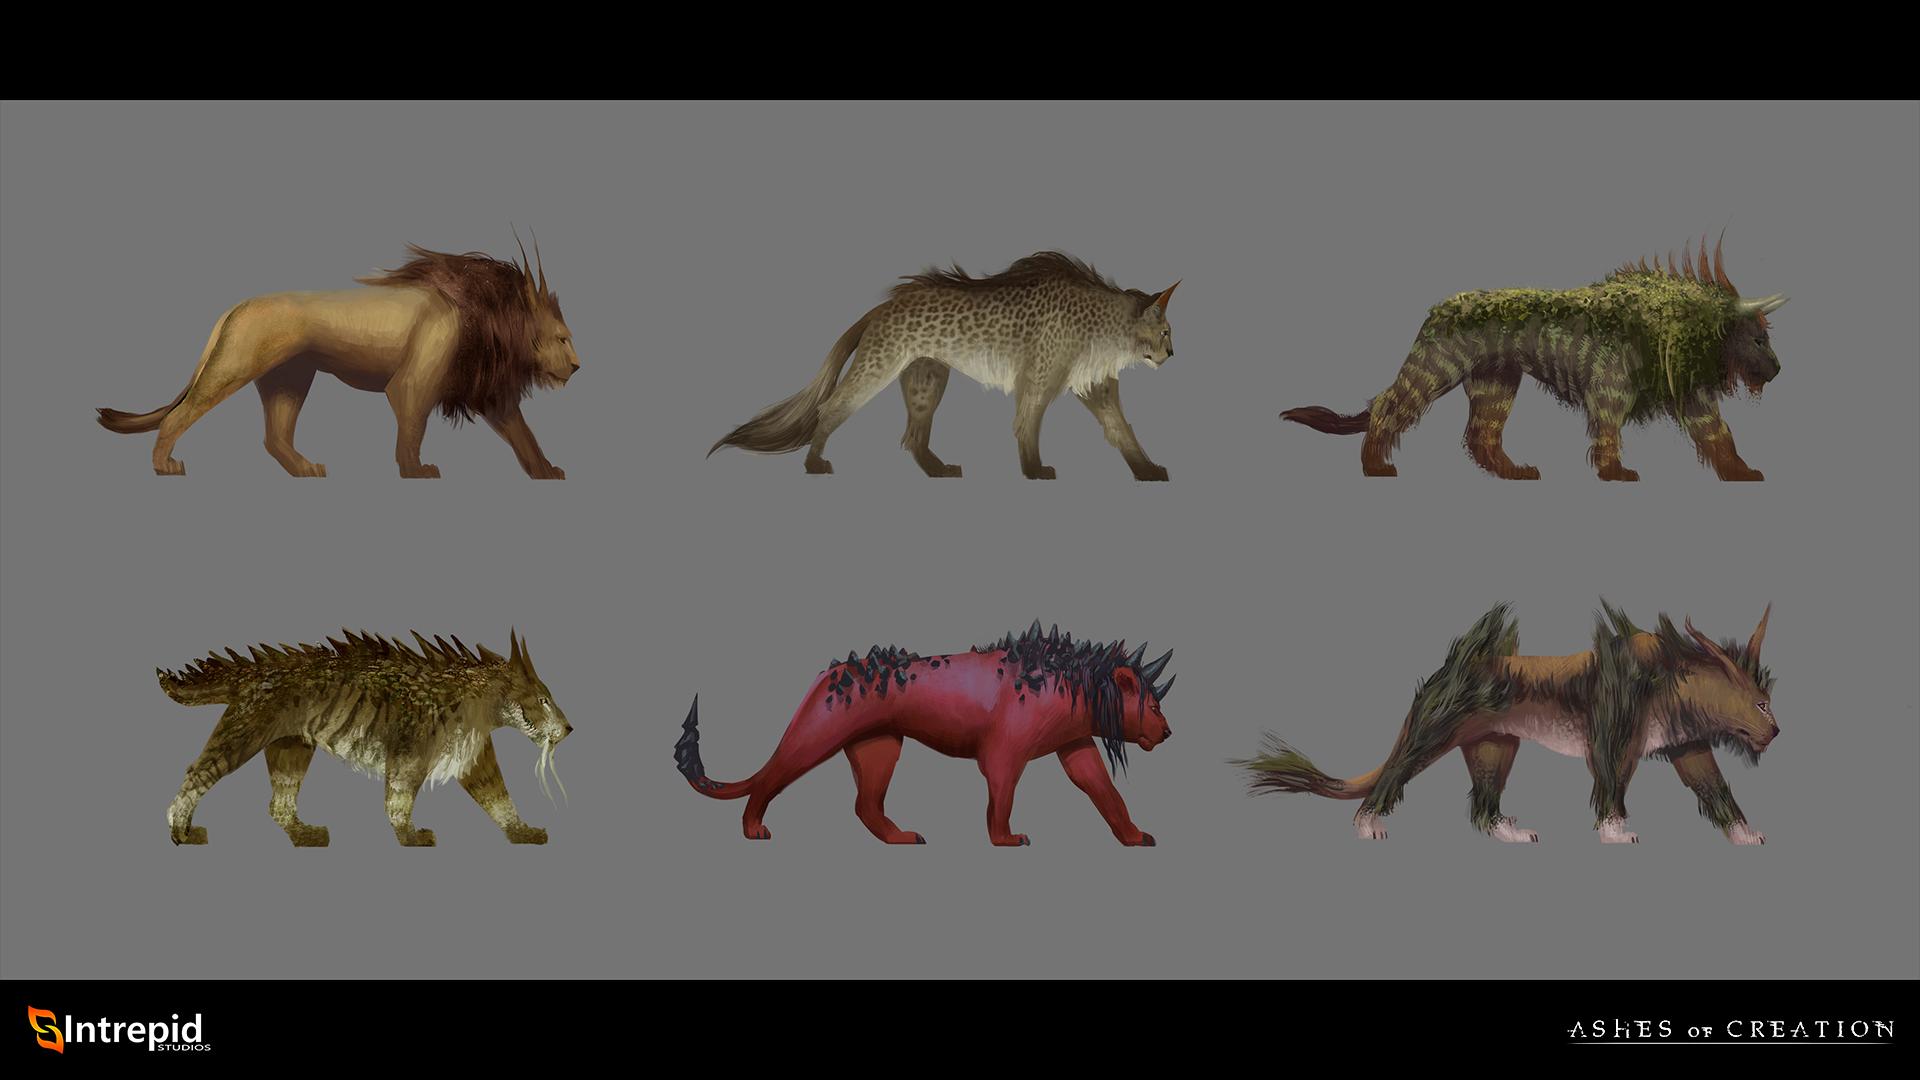 variedad criaturas asheso of creation en español taming domadura bestias